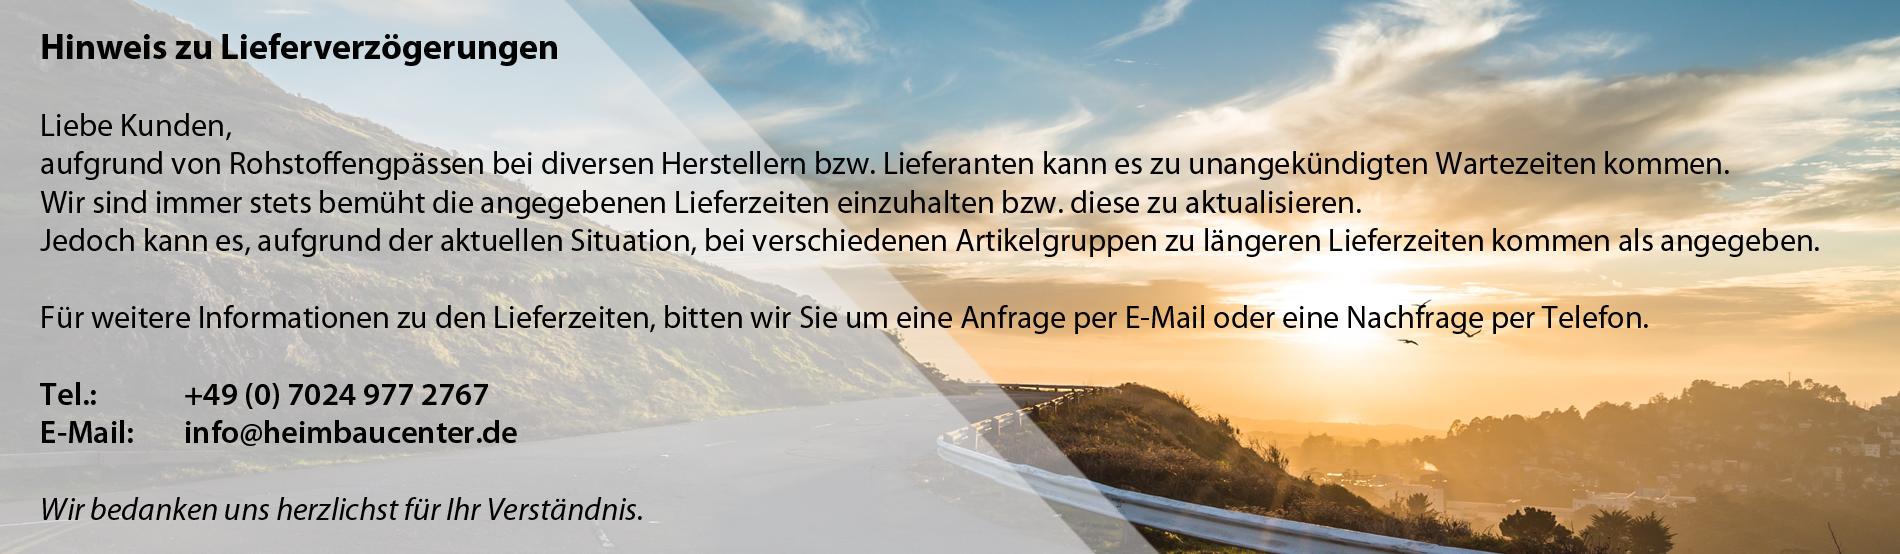 Lieferhinweis